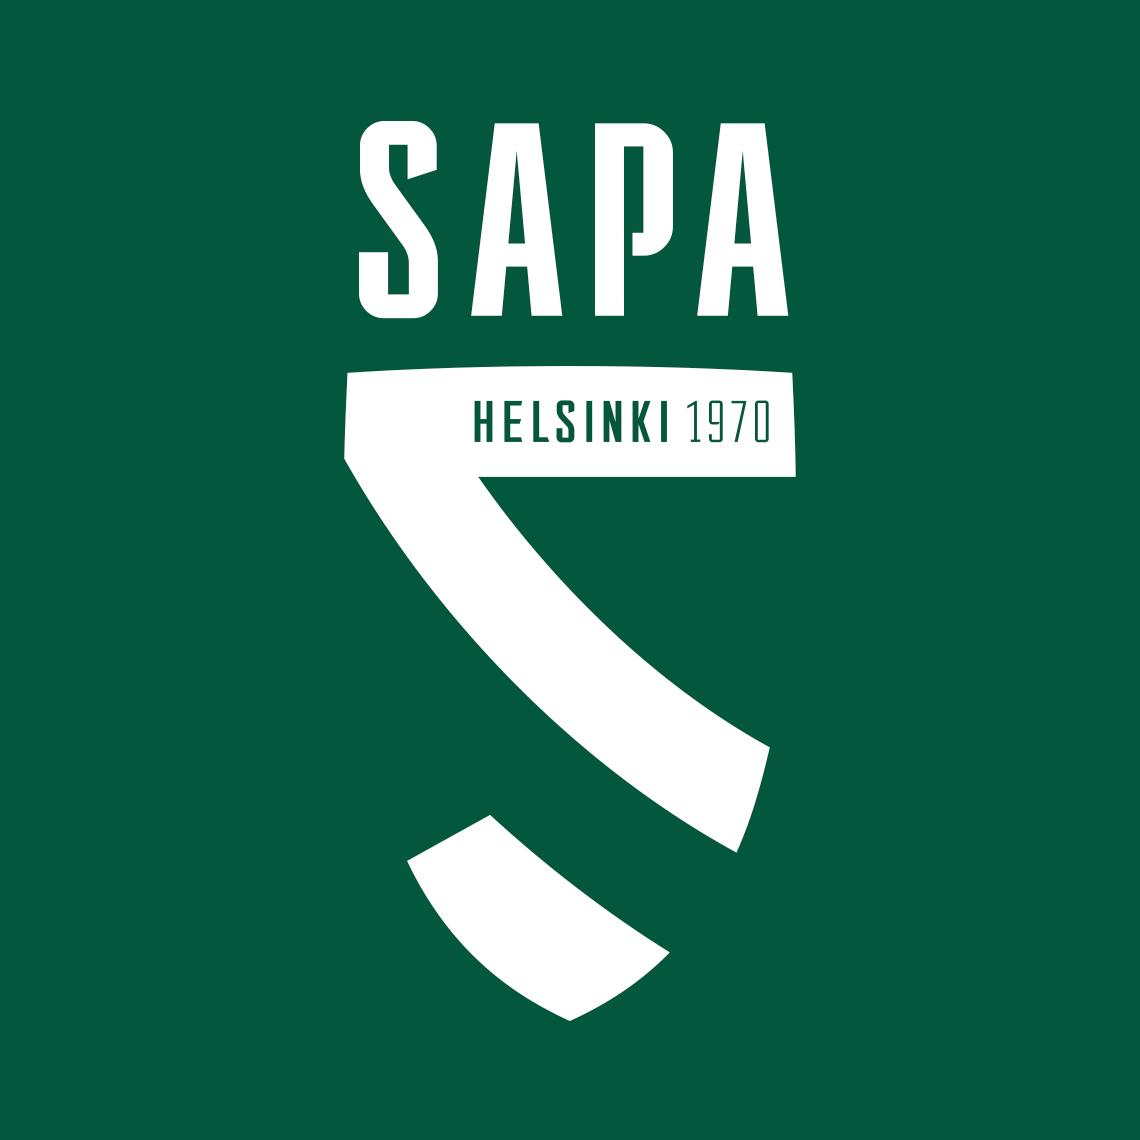 SAPA HELSINKI 1970